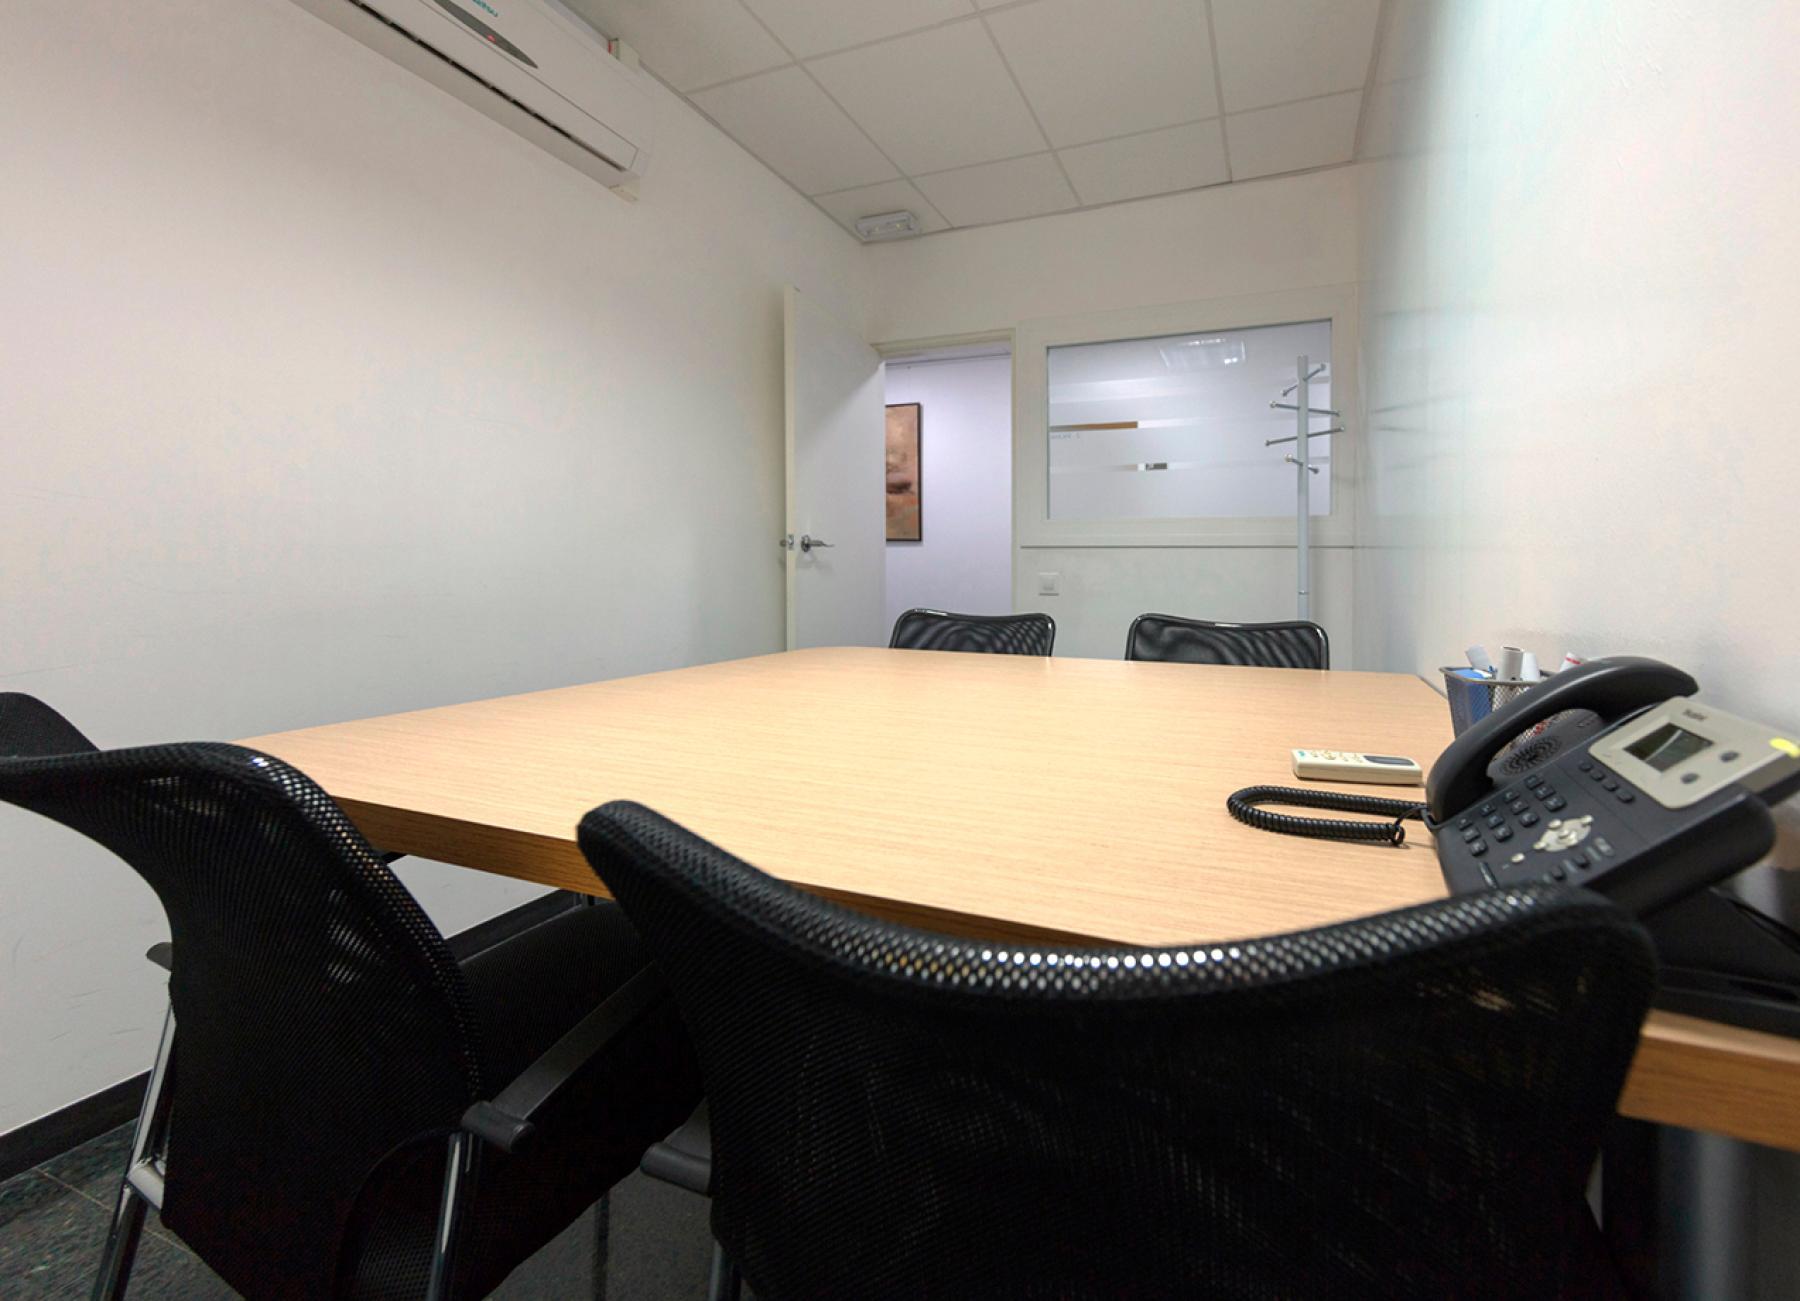 Alquilar oficinas Carrer de Provença 385, Barcelona (12)